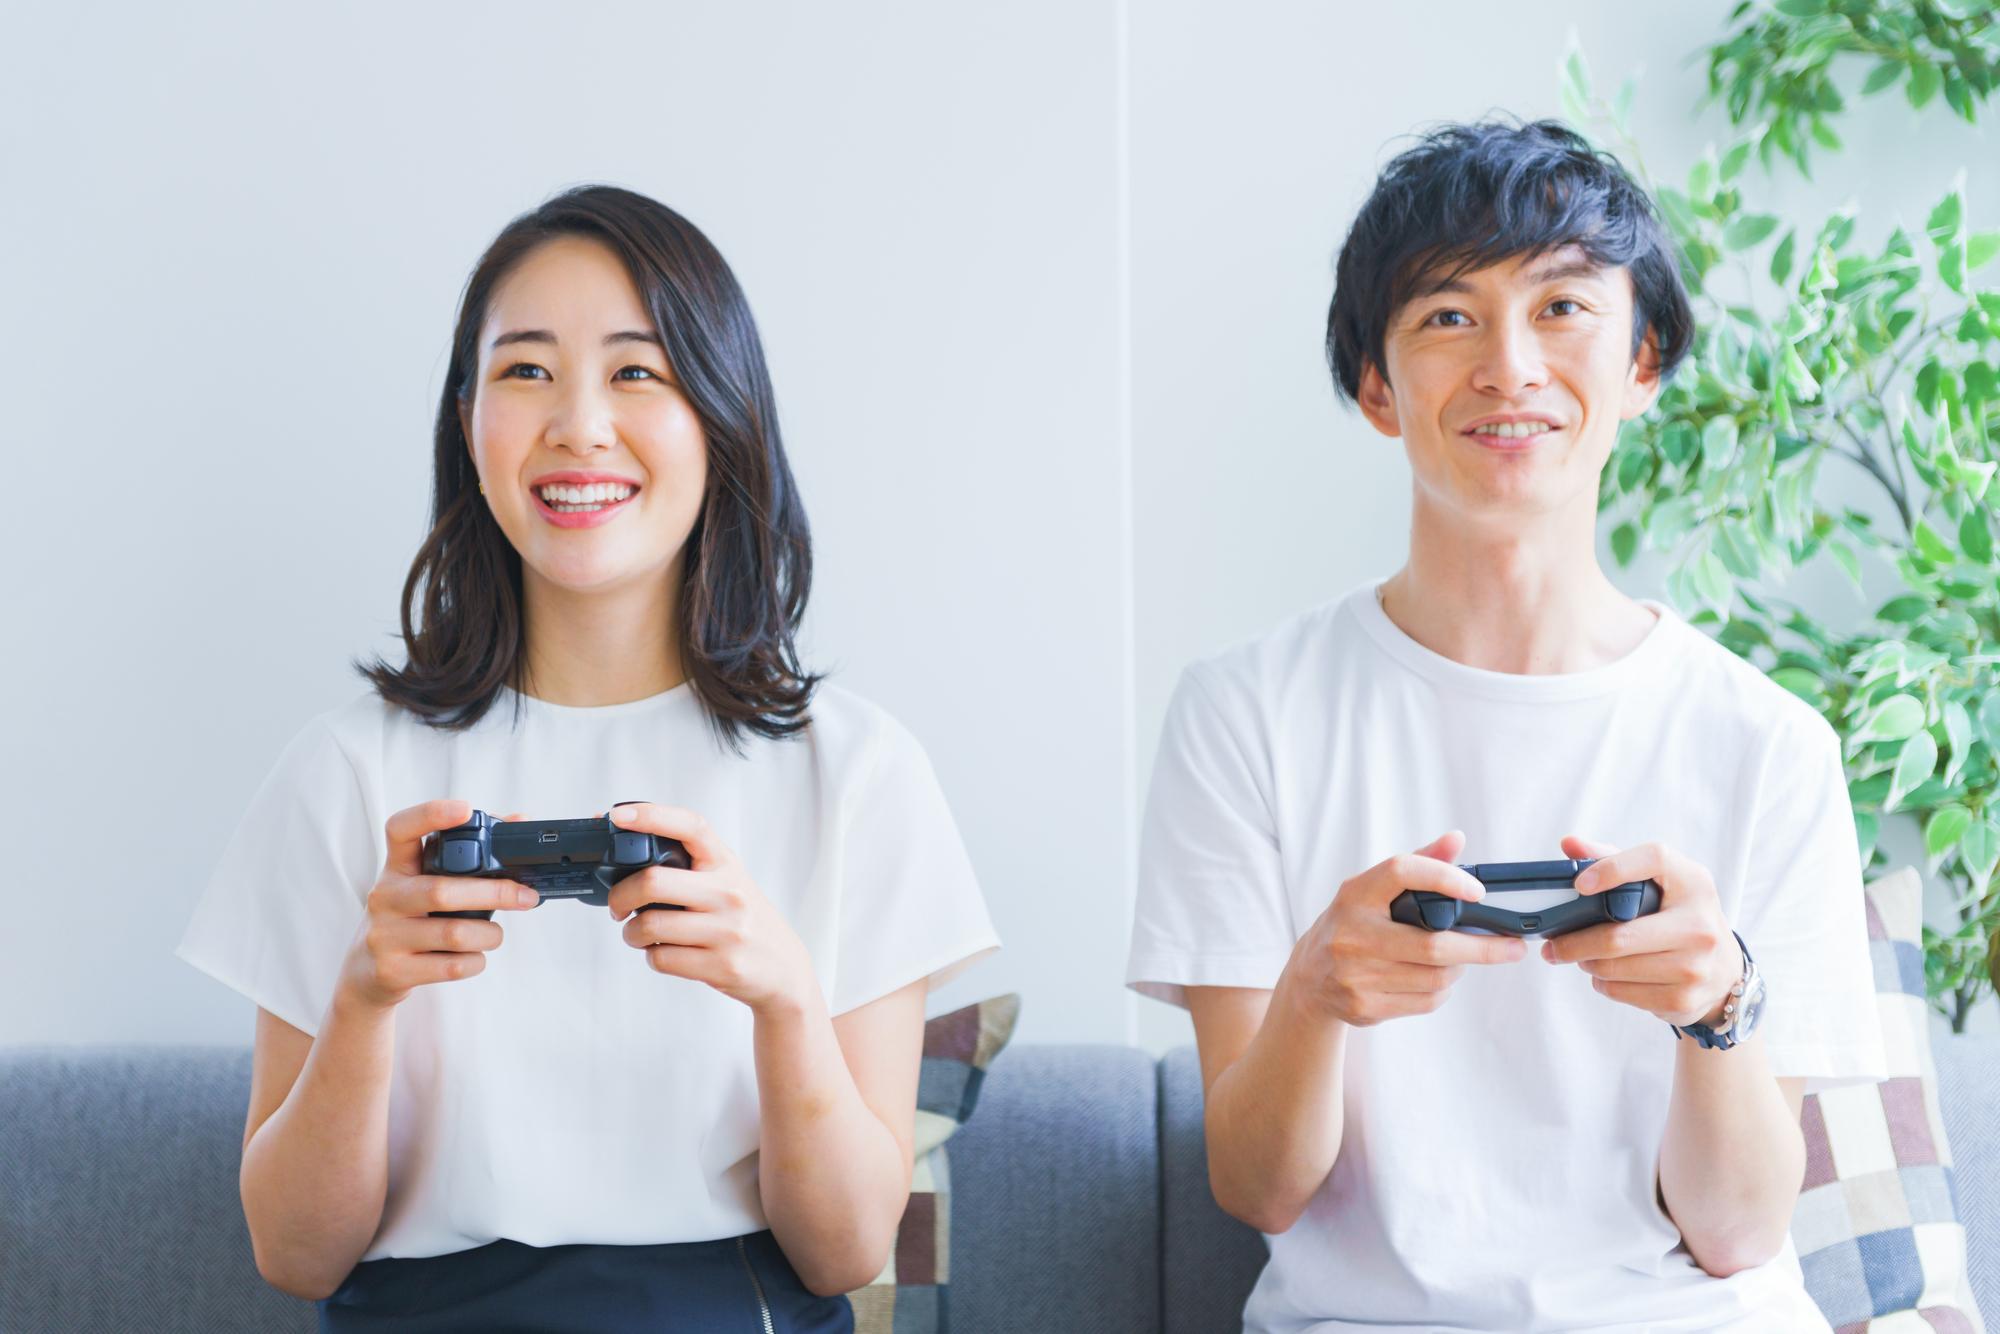 5G移行でゲームが変わること|5G移行でゲームに起こるメリット6選など紹介のアイキャッチイメージ